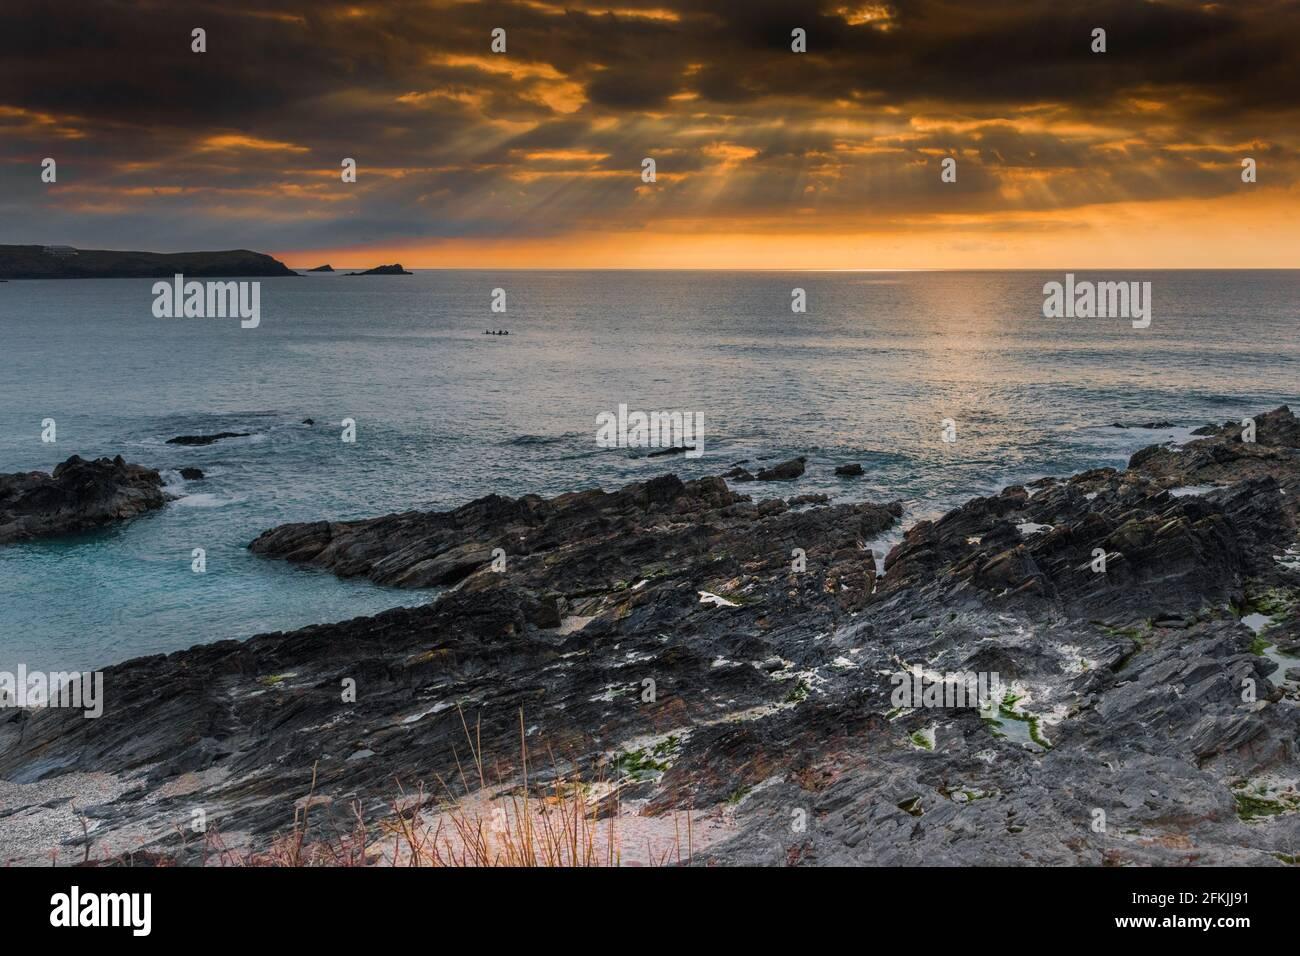 Un tramonto pectacolare su Fistral Bay a Newquay in Cornovaglia. Foto Stock